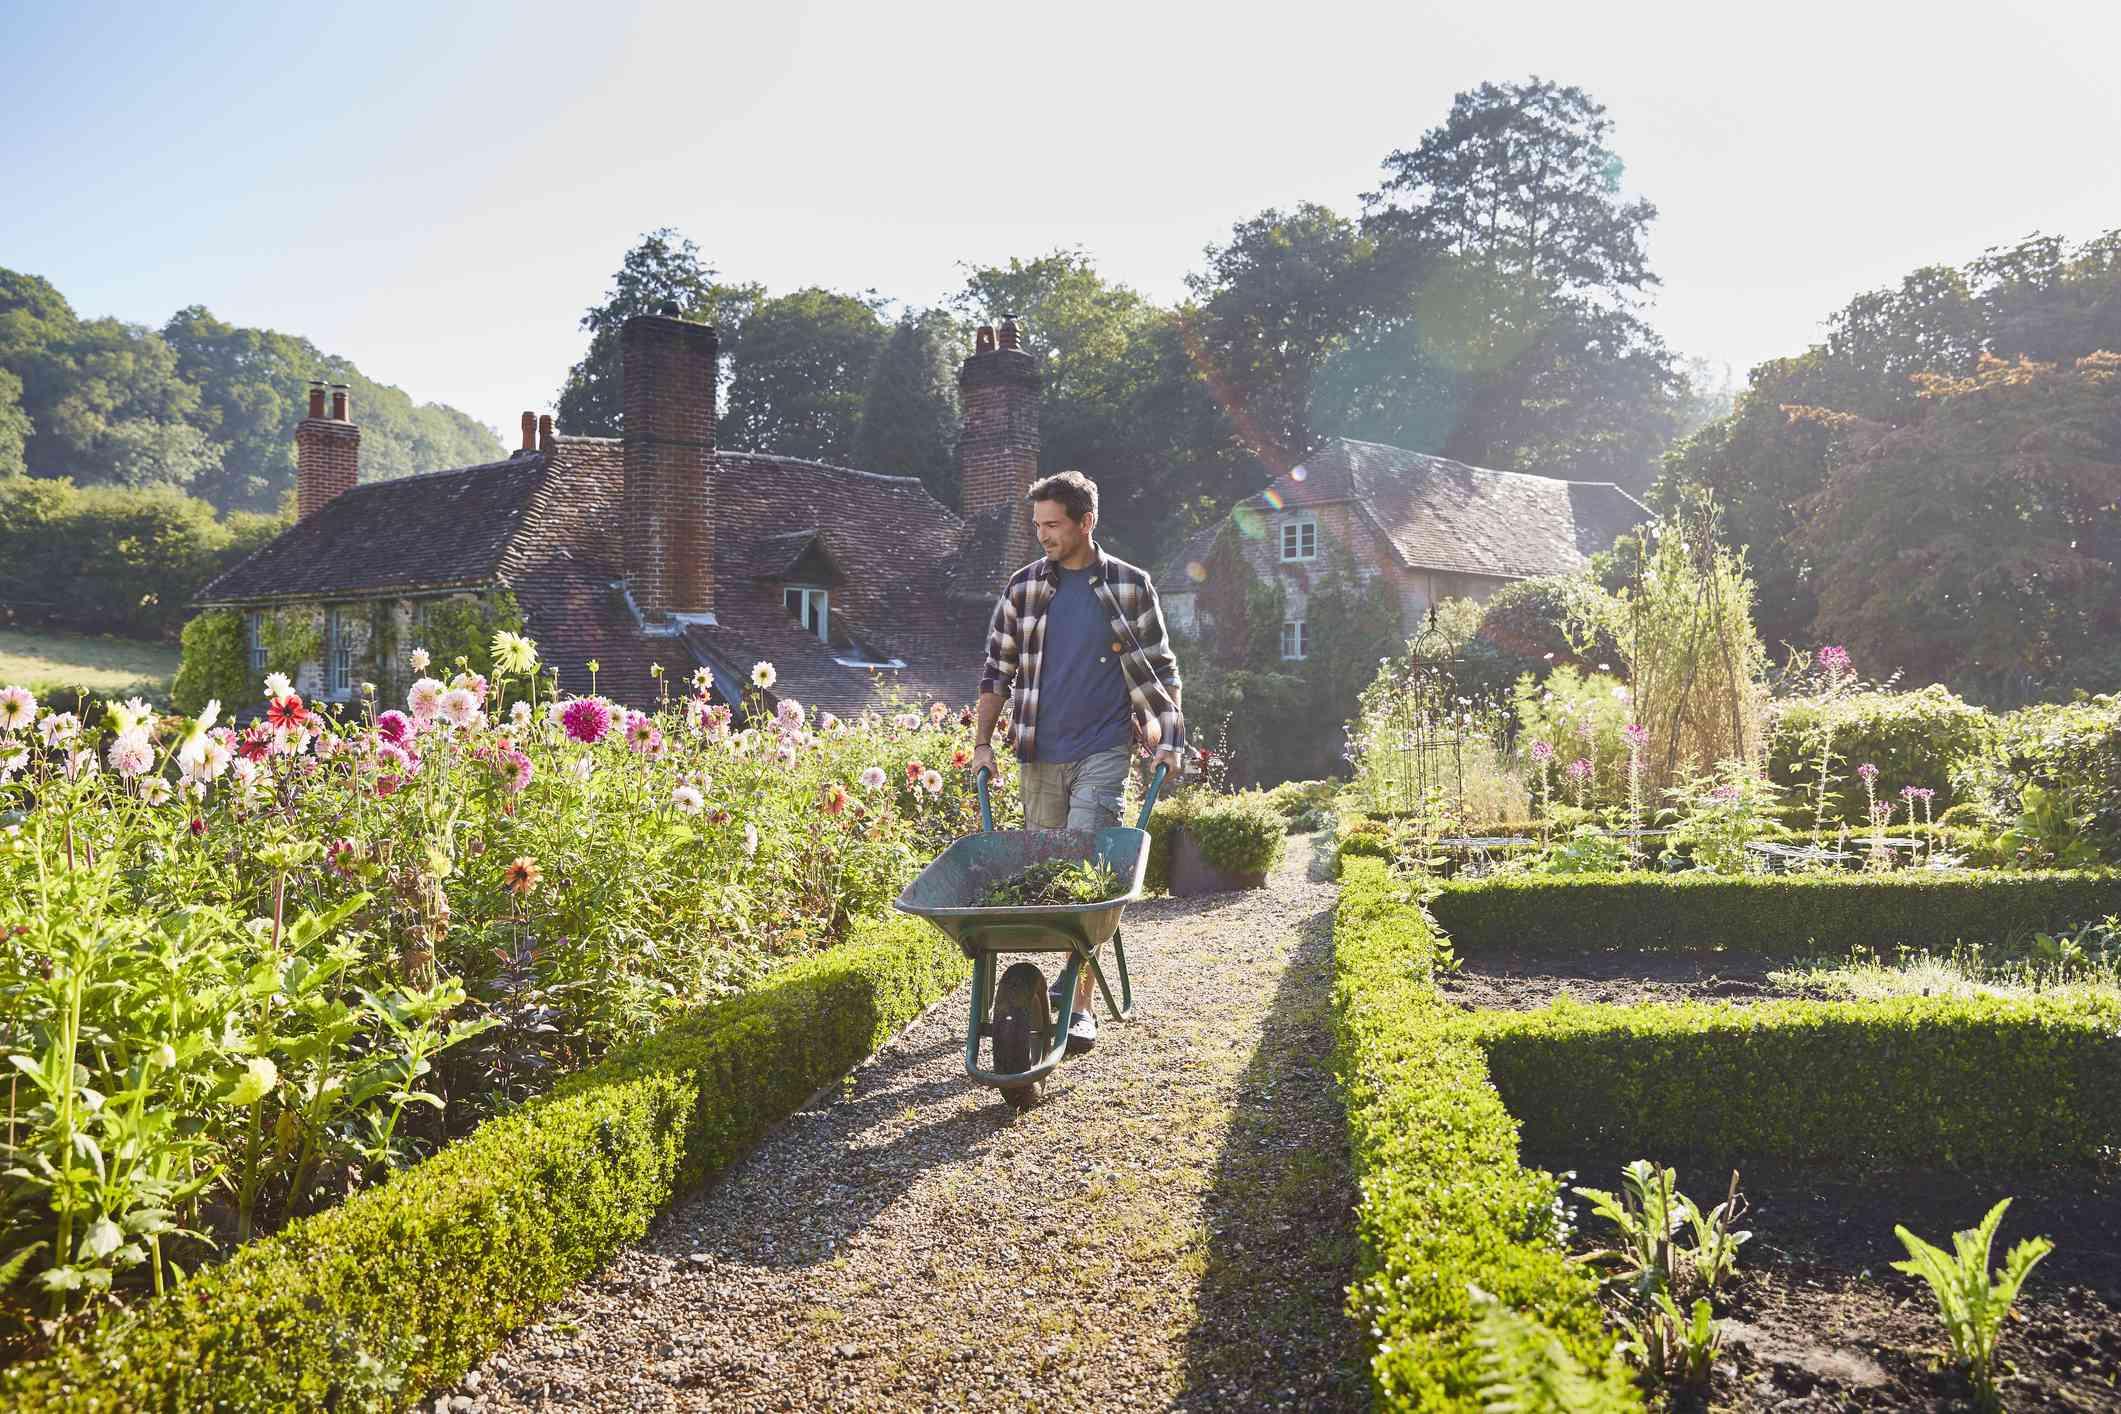 Man pushing a wheelbarrow through a garden on a sunny day